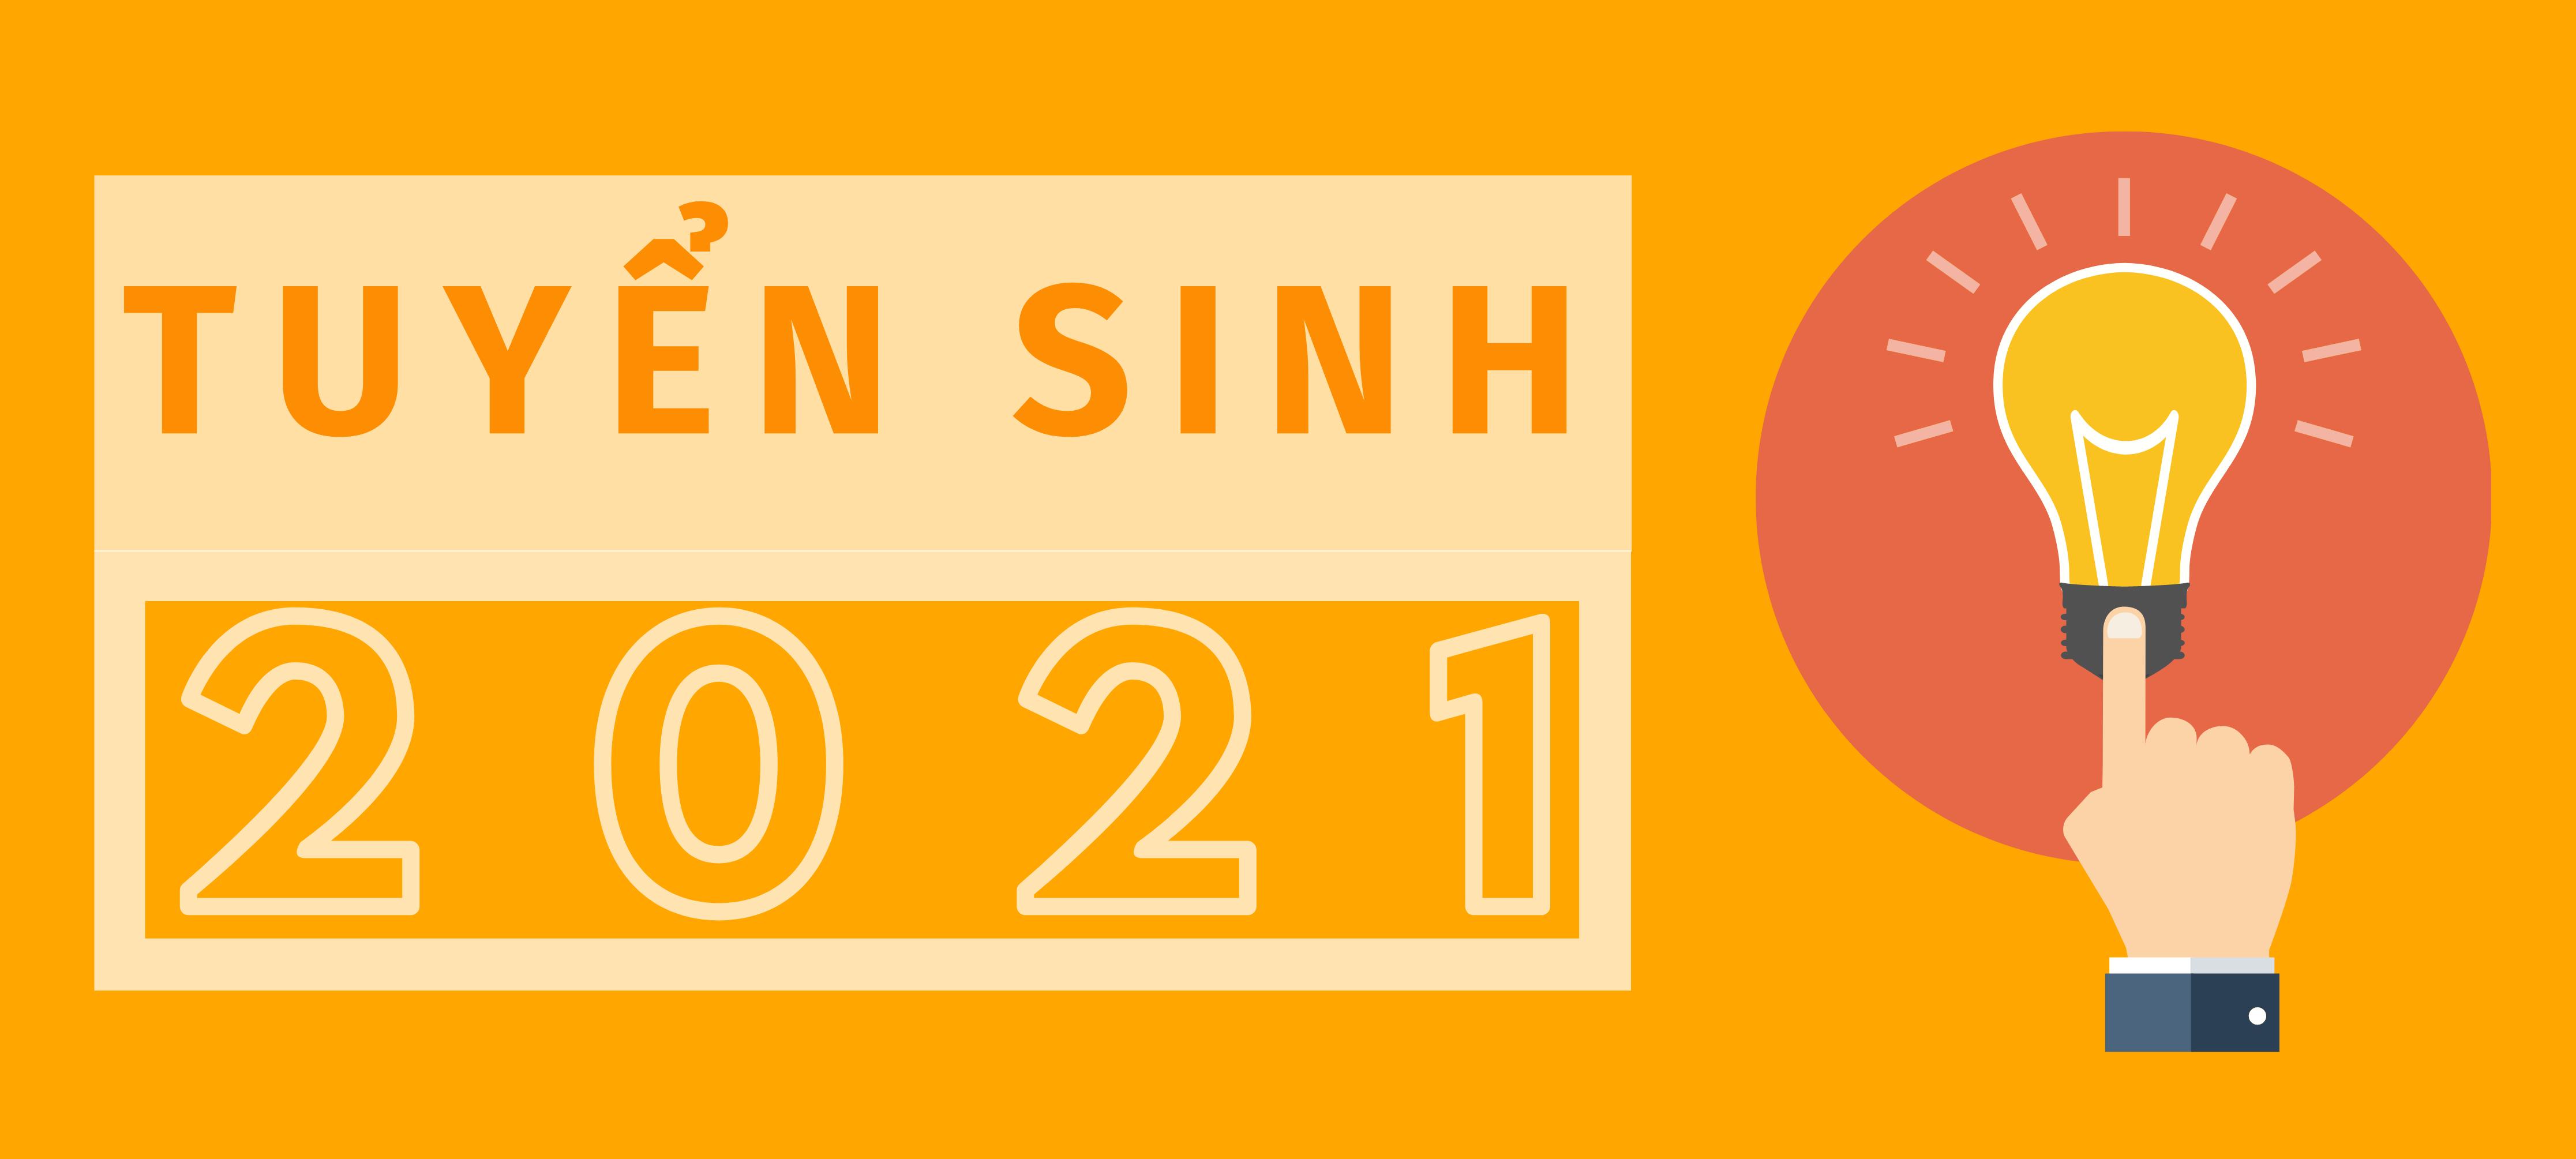 5 CHIẾN THUẬT BỐ MẸ 2K3 PHẢI BIẾT ĐỂ GIÚP CON ĐỖ VÀO TRƯỜNG ĐẠI HỌC MÌNH YÊU NĂM 2021